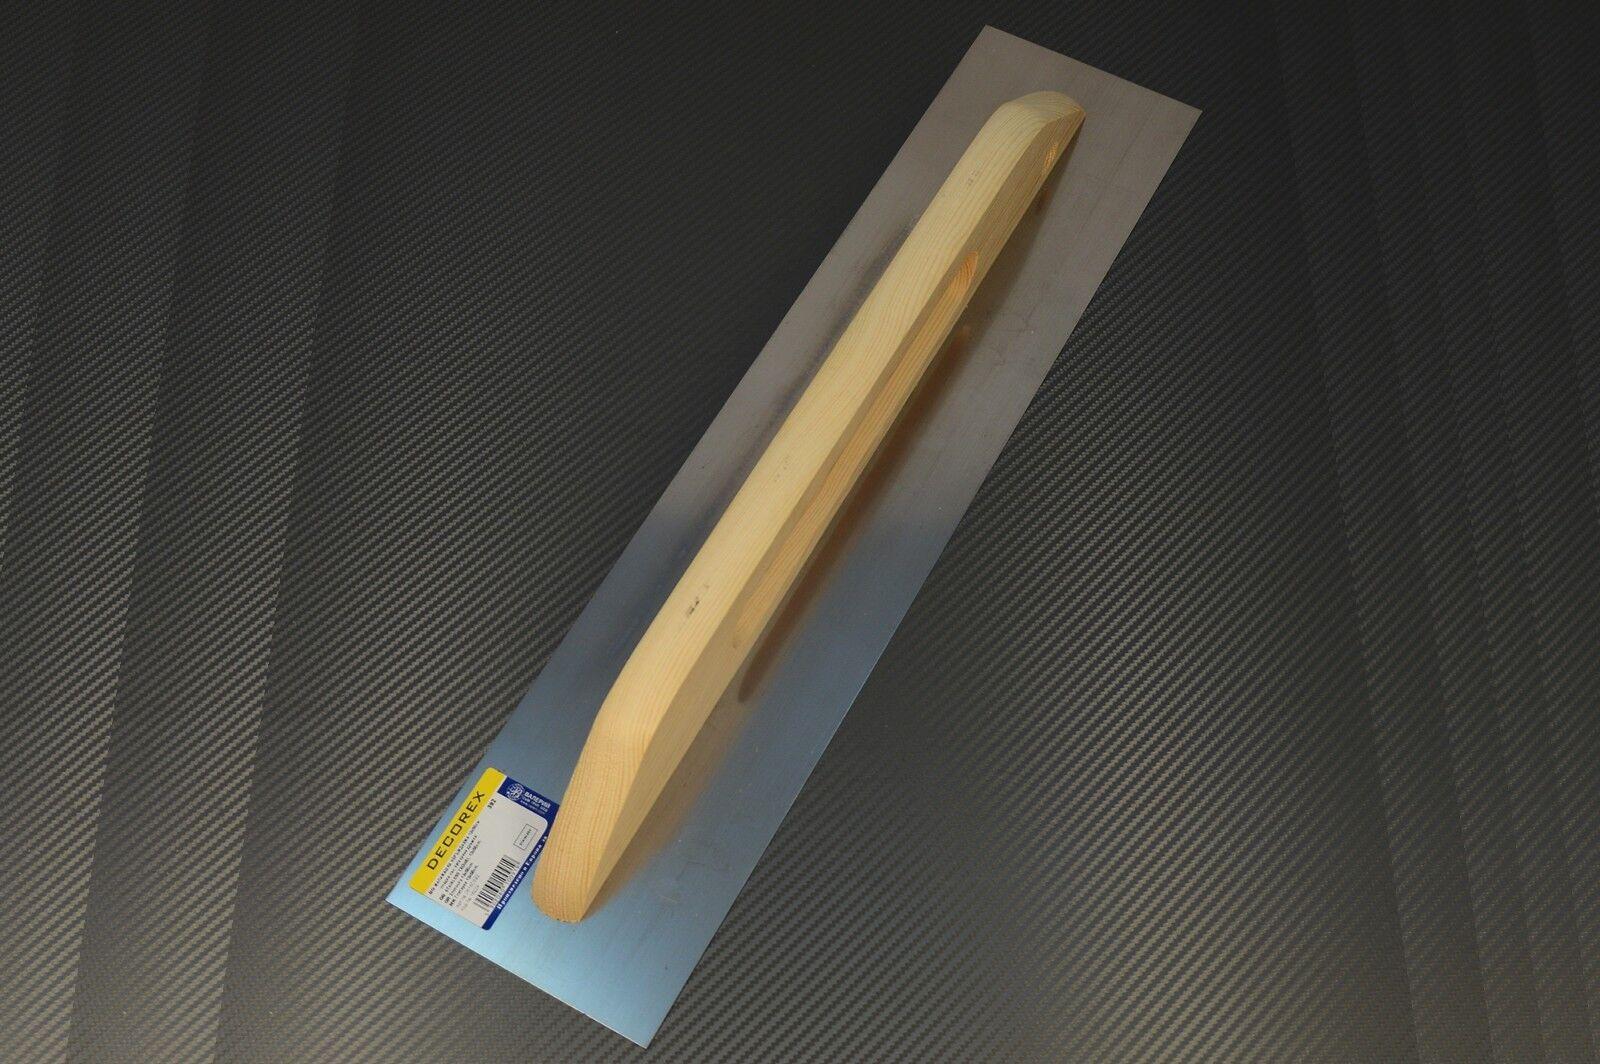 Schweizer Aufziehplatte Glattekelle Glättkelle Glätter 550x130 Traufel Abzieher